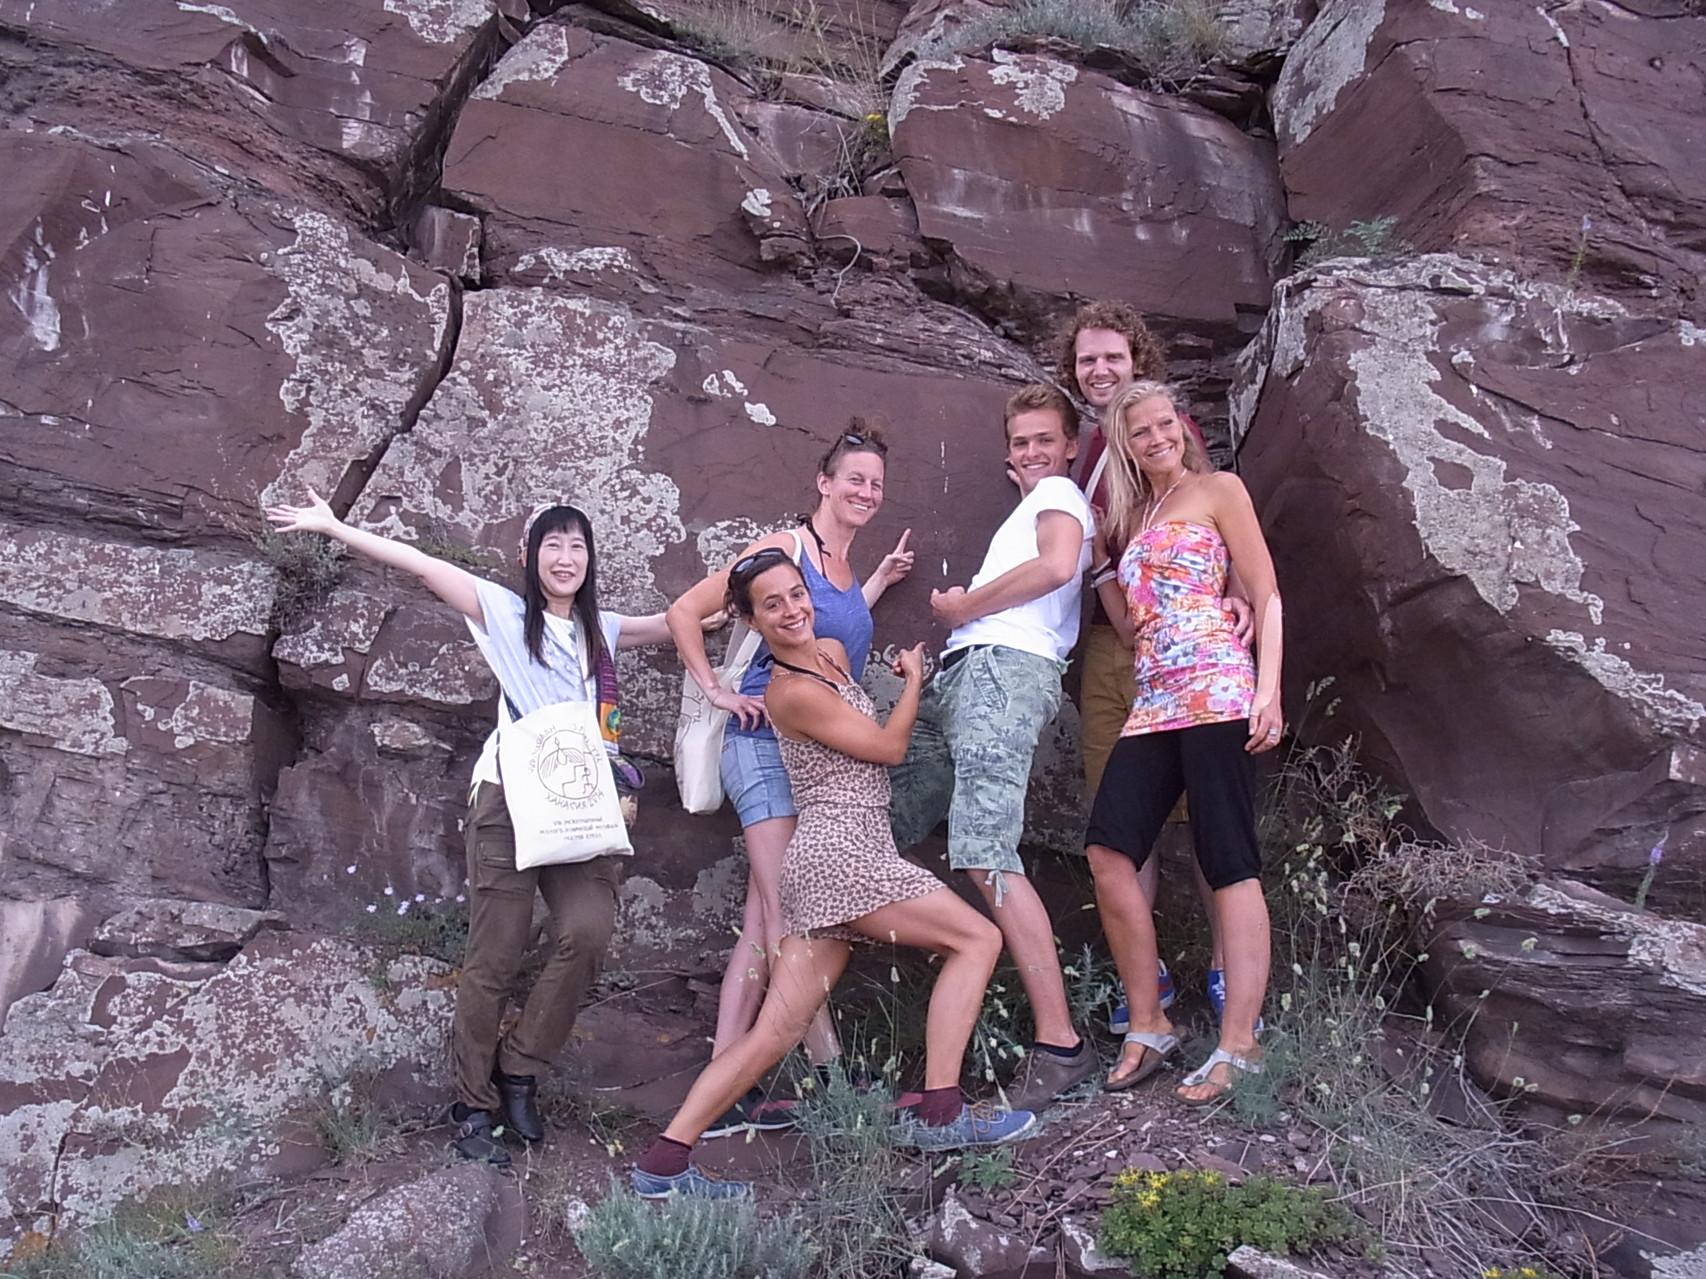 オランダの劇団の人達と壁画のある岩壁へ登りました。